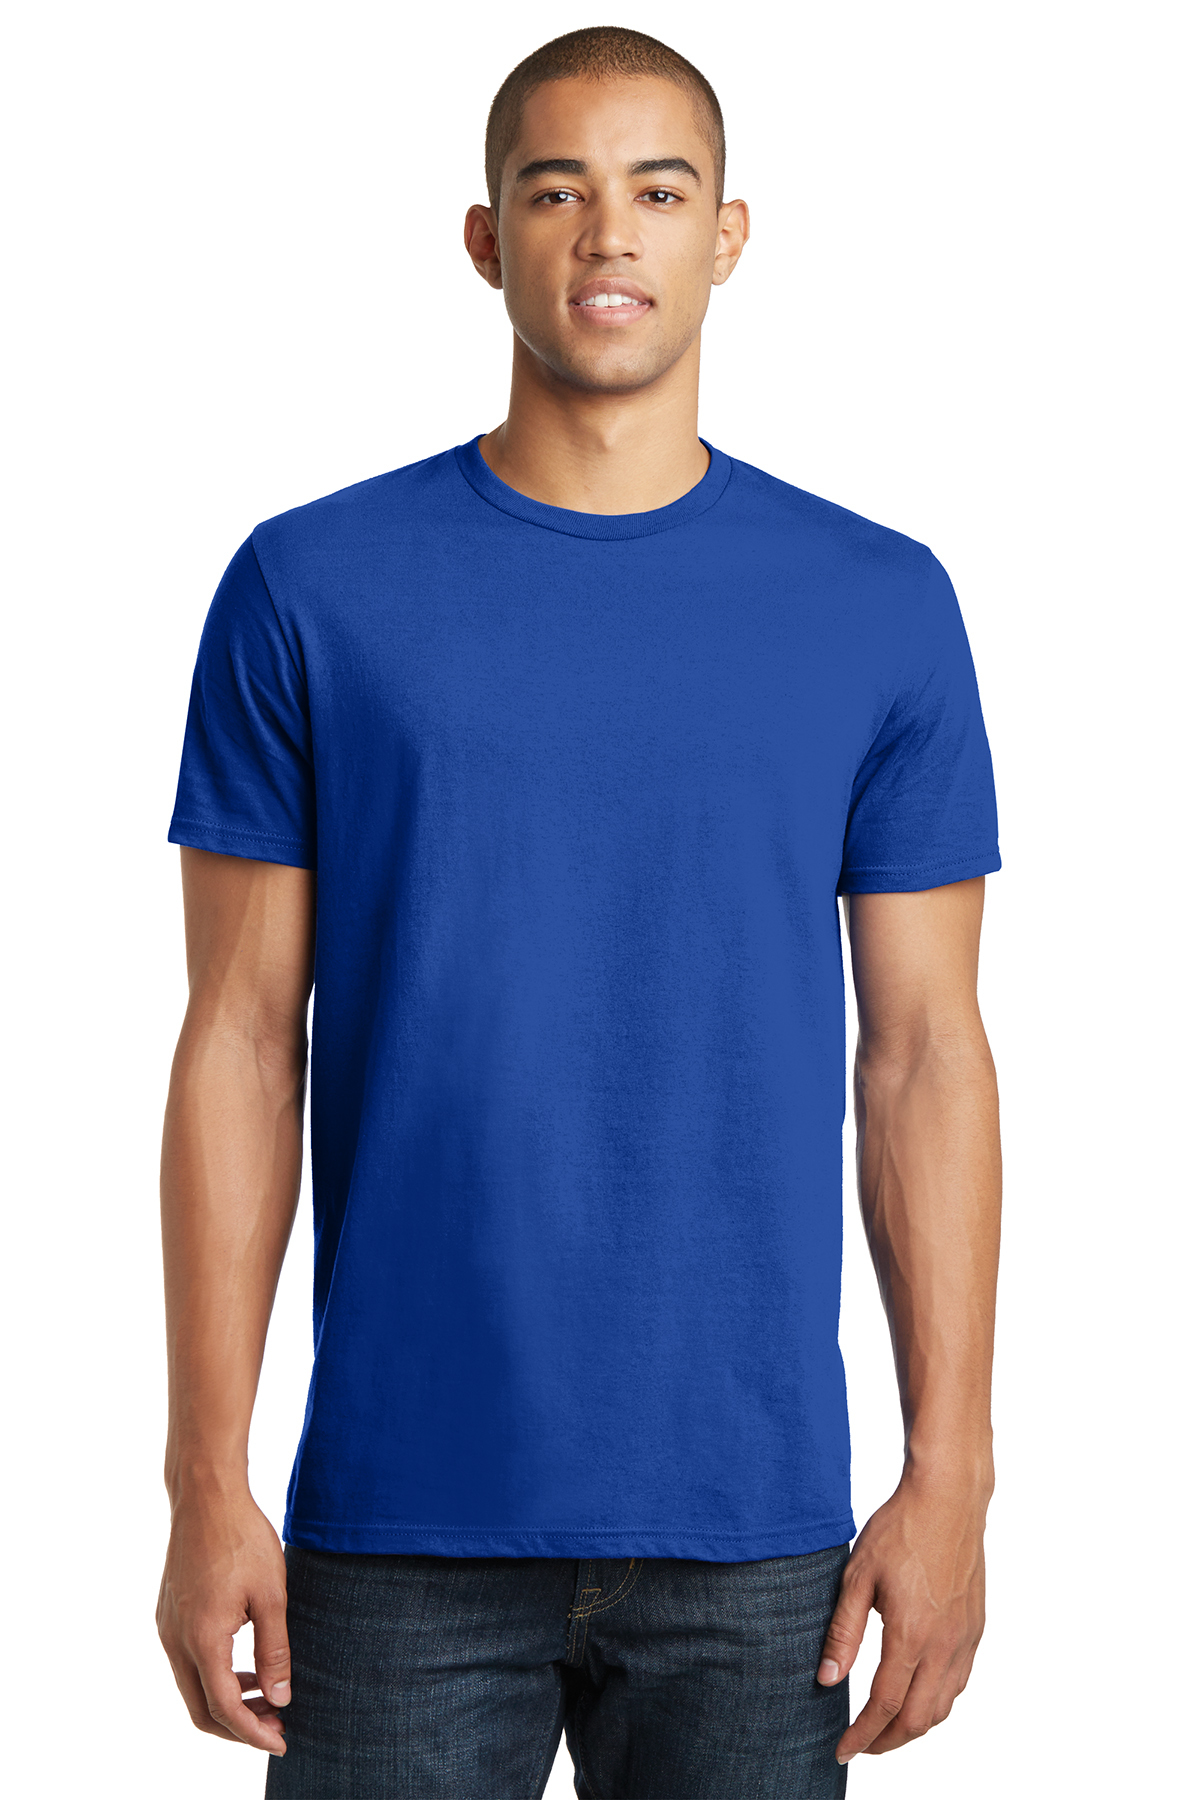 PC54 Cotton T-shirt